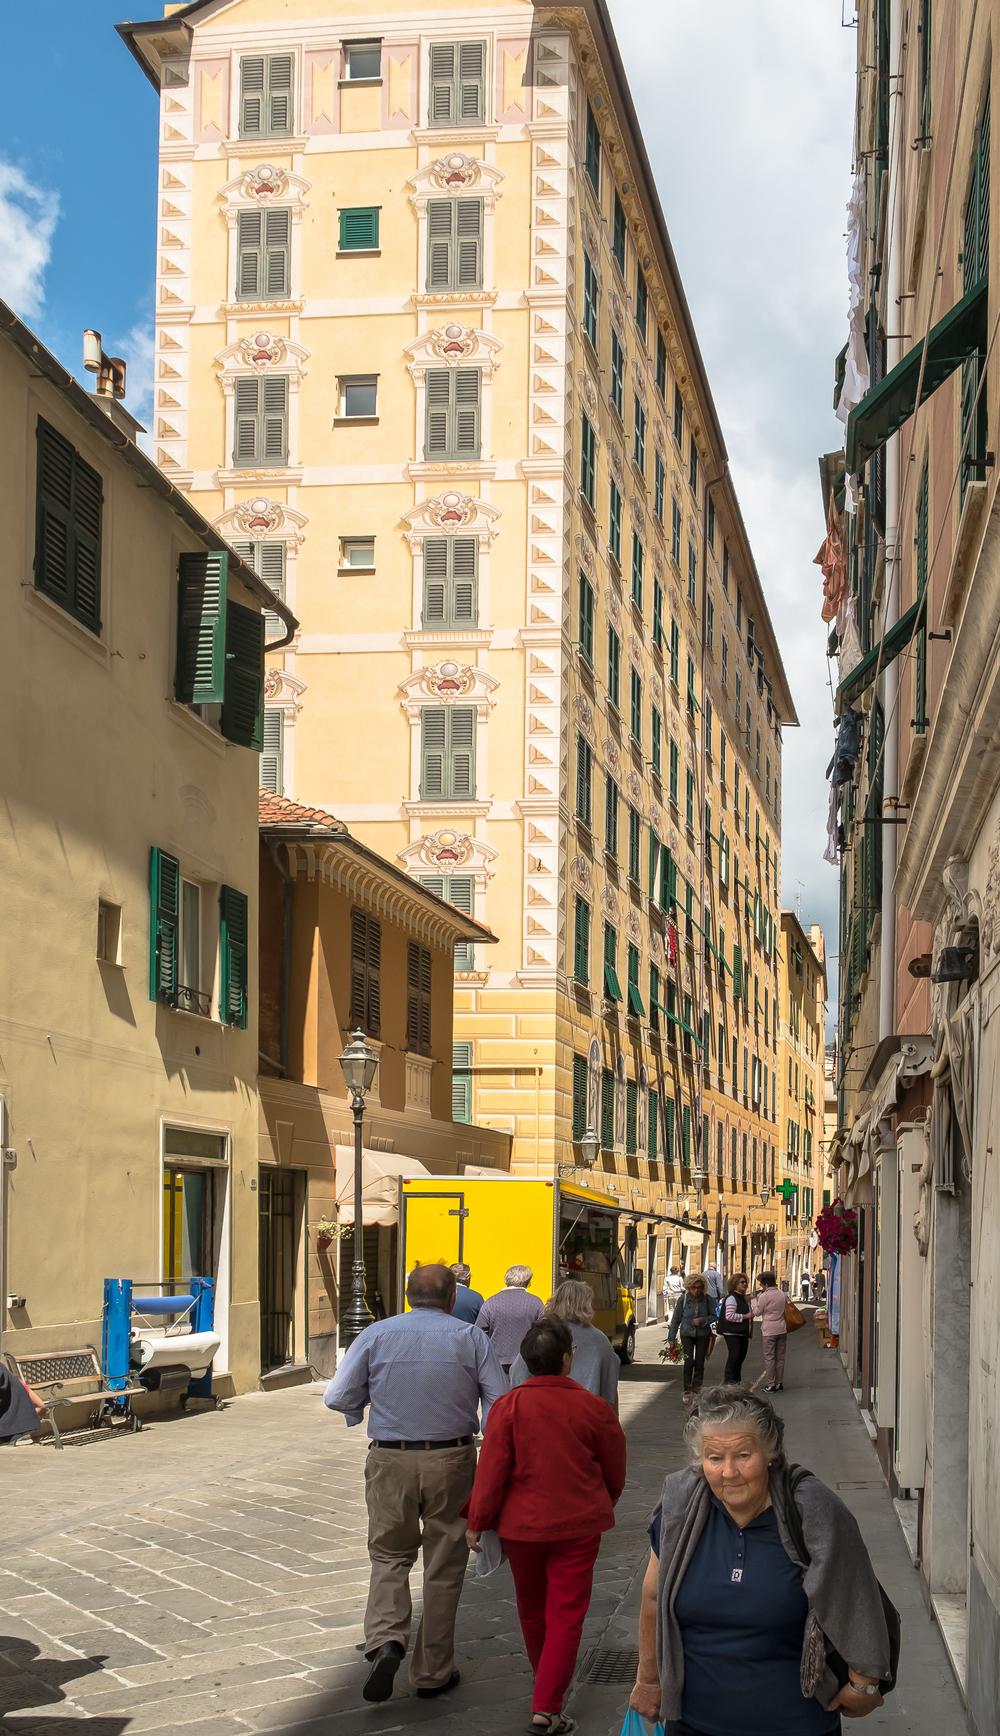 Street scene, Camogli